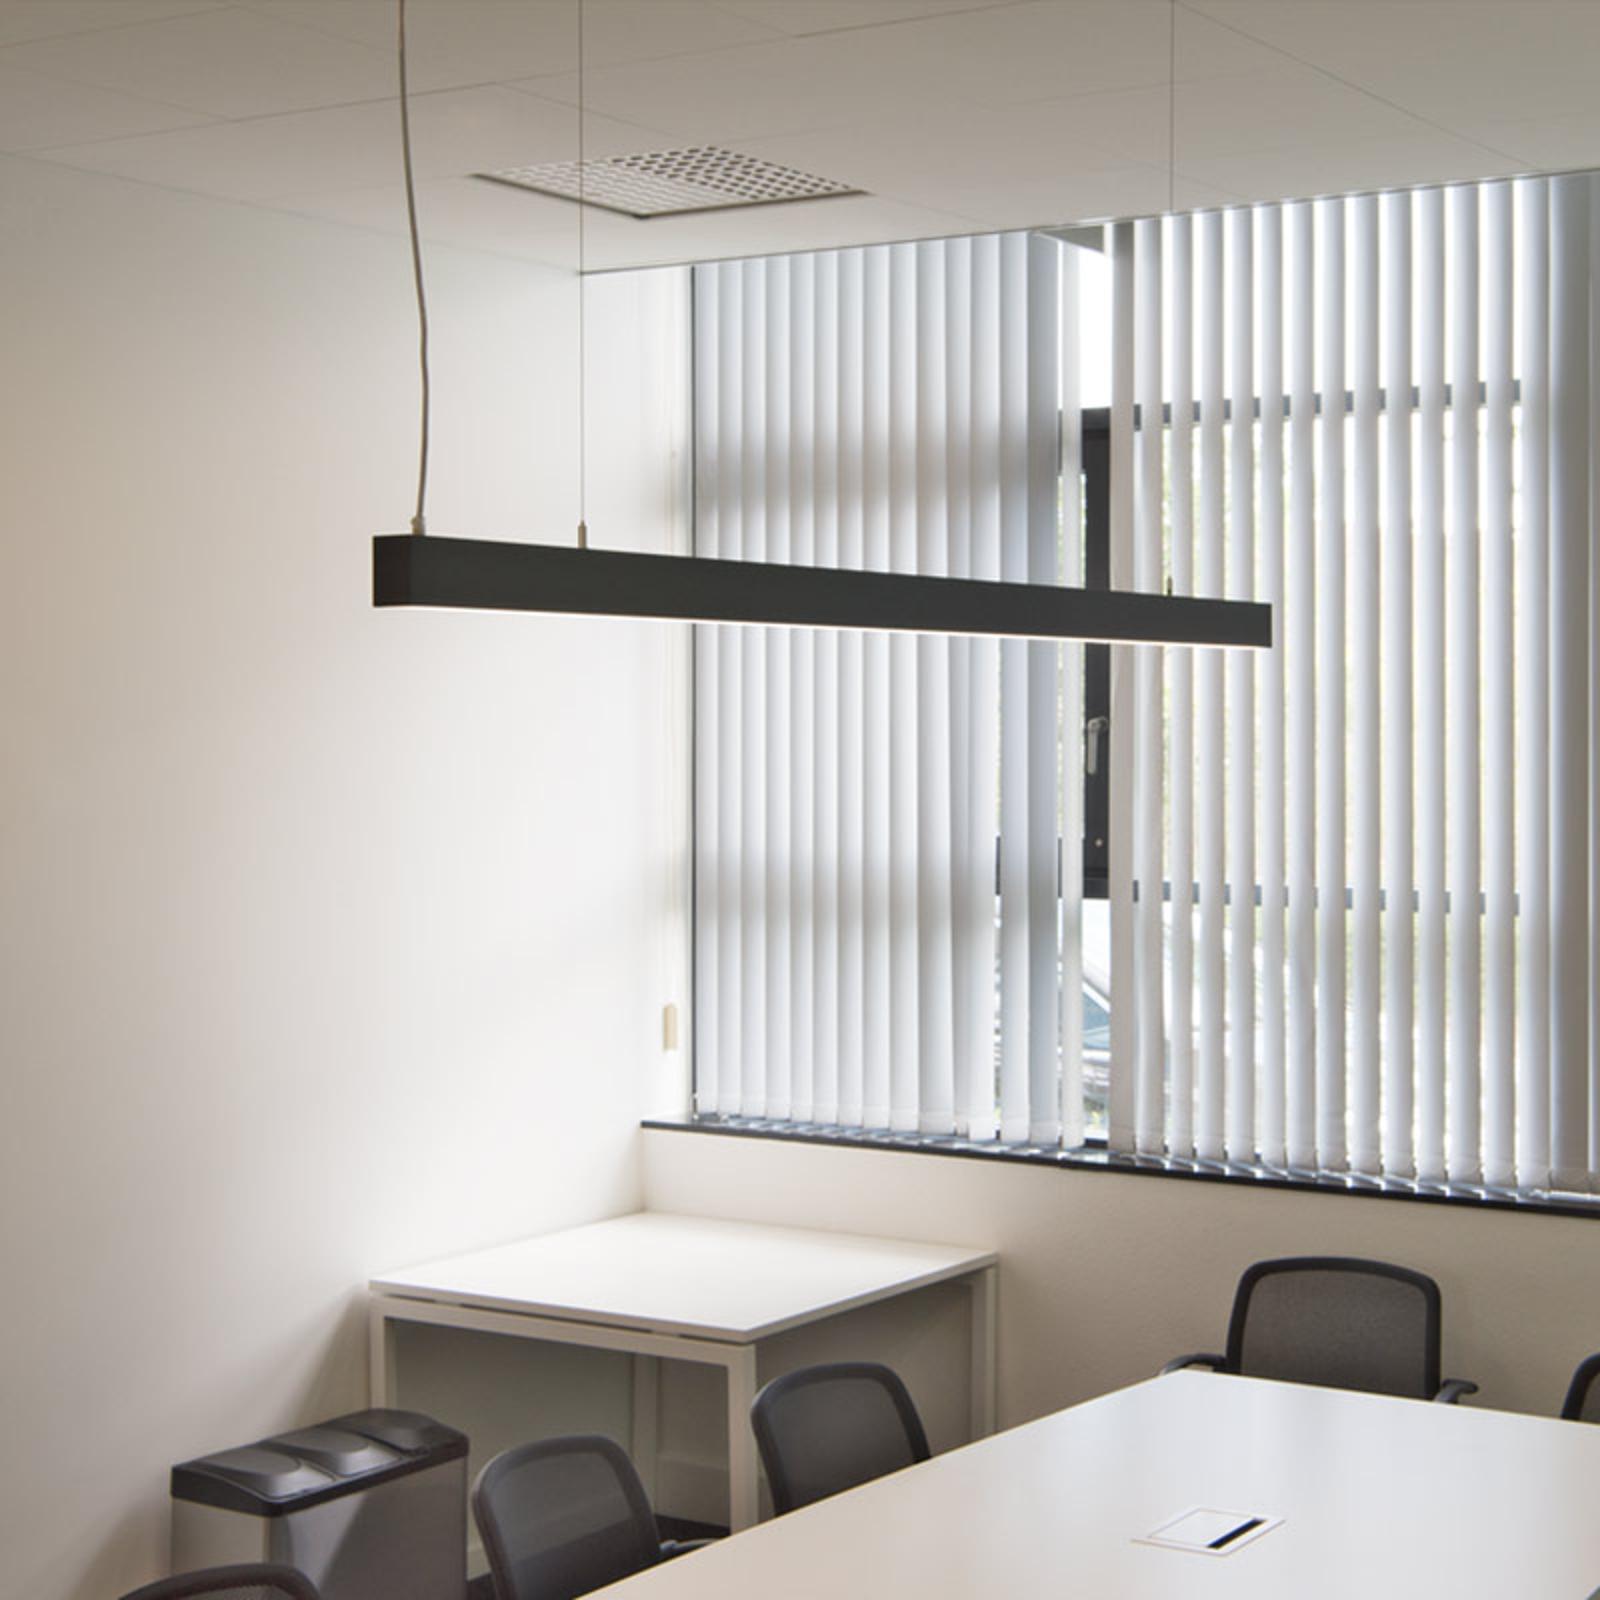 SLV Glenos LED hanging light 205cm black_5511207_1